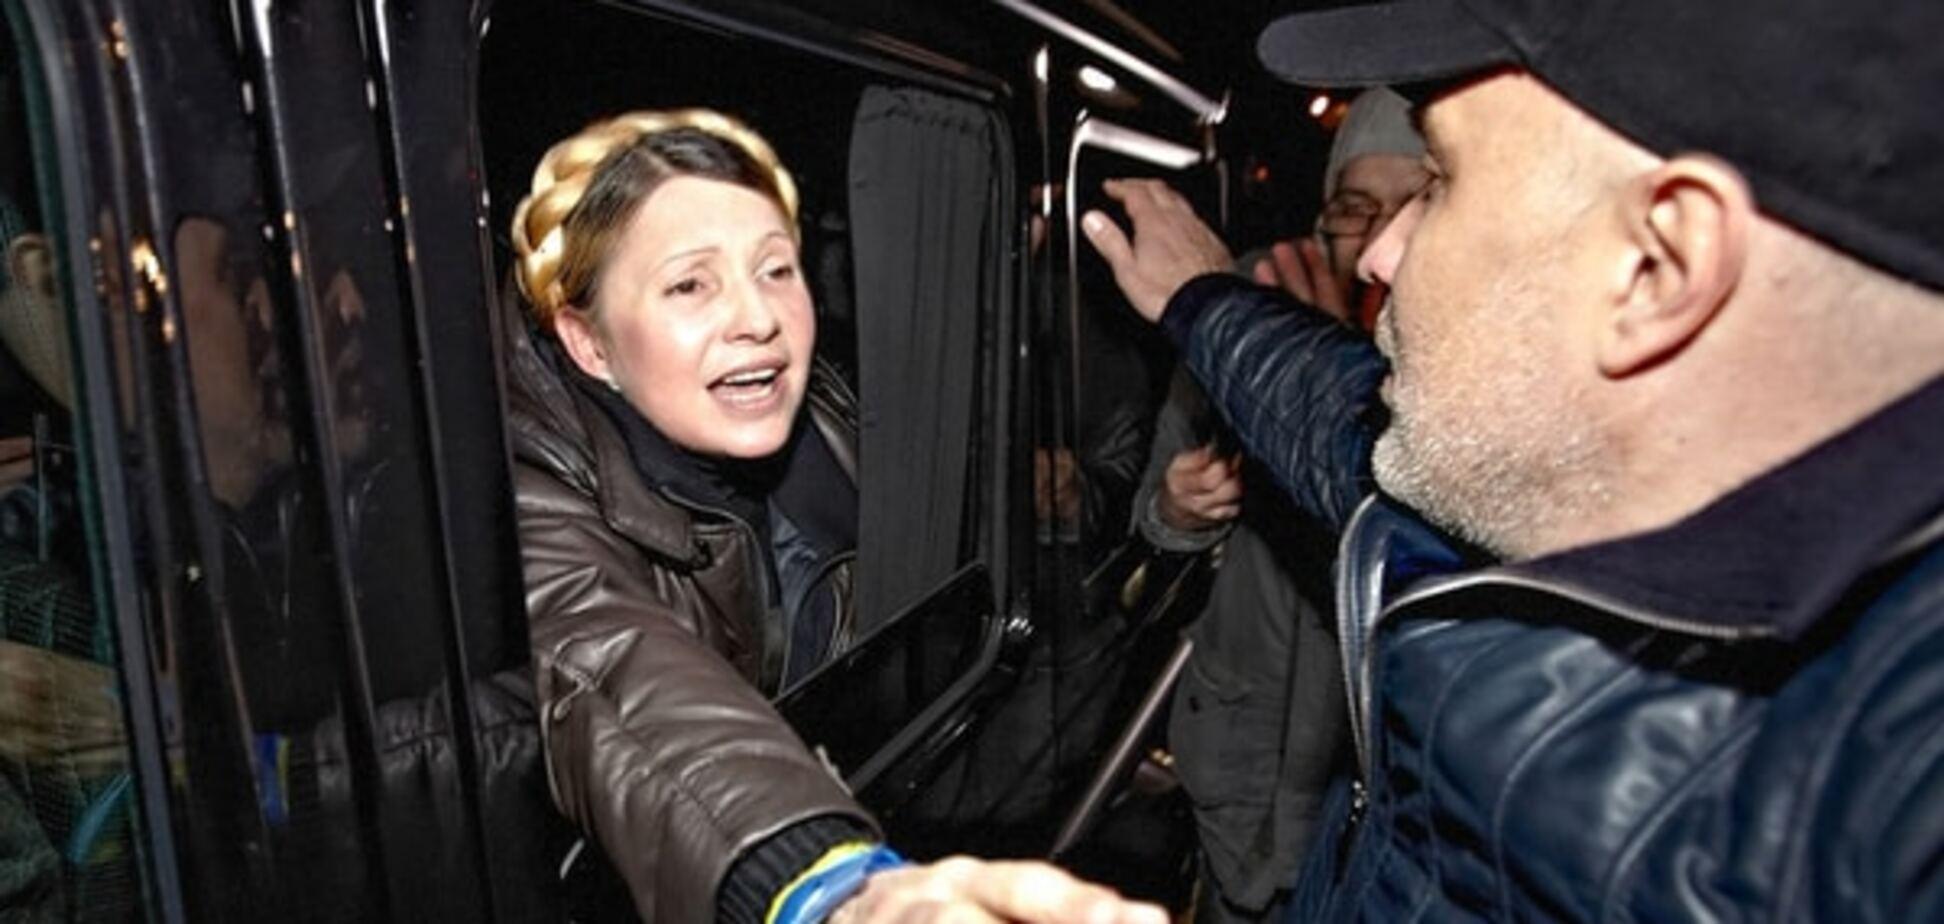 Юлю - в Гондурас! Петиція з проханням призначити Тимошенко послом зібрала понад 25 тисяч підписів